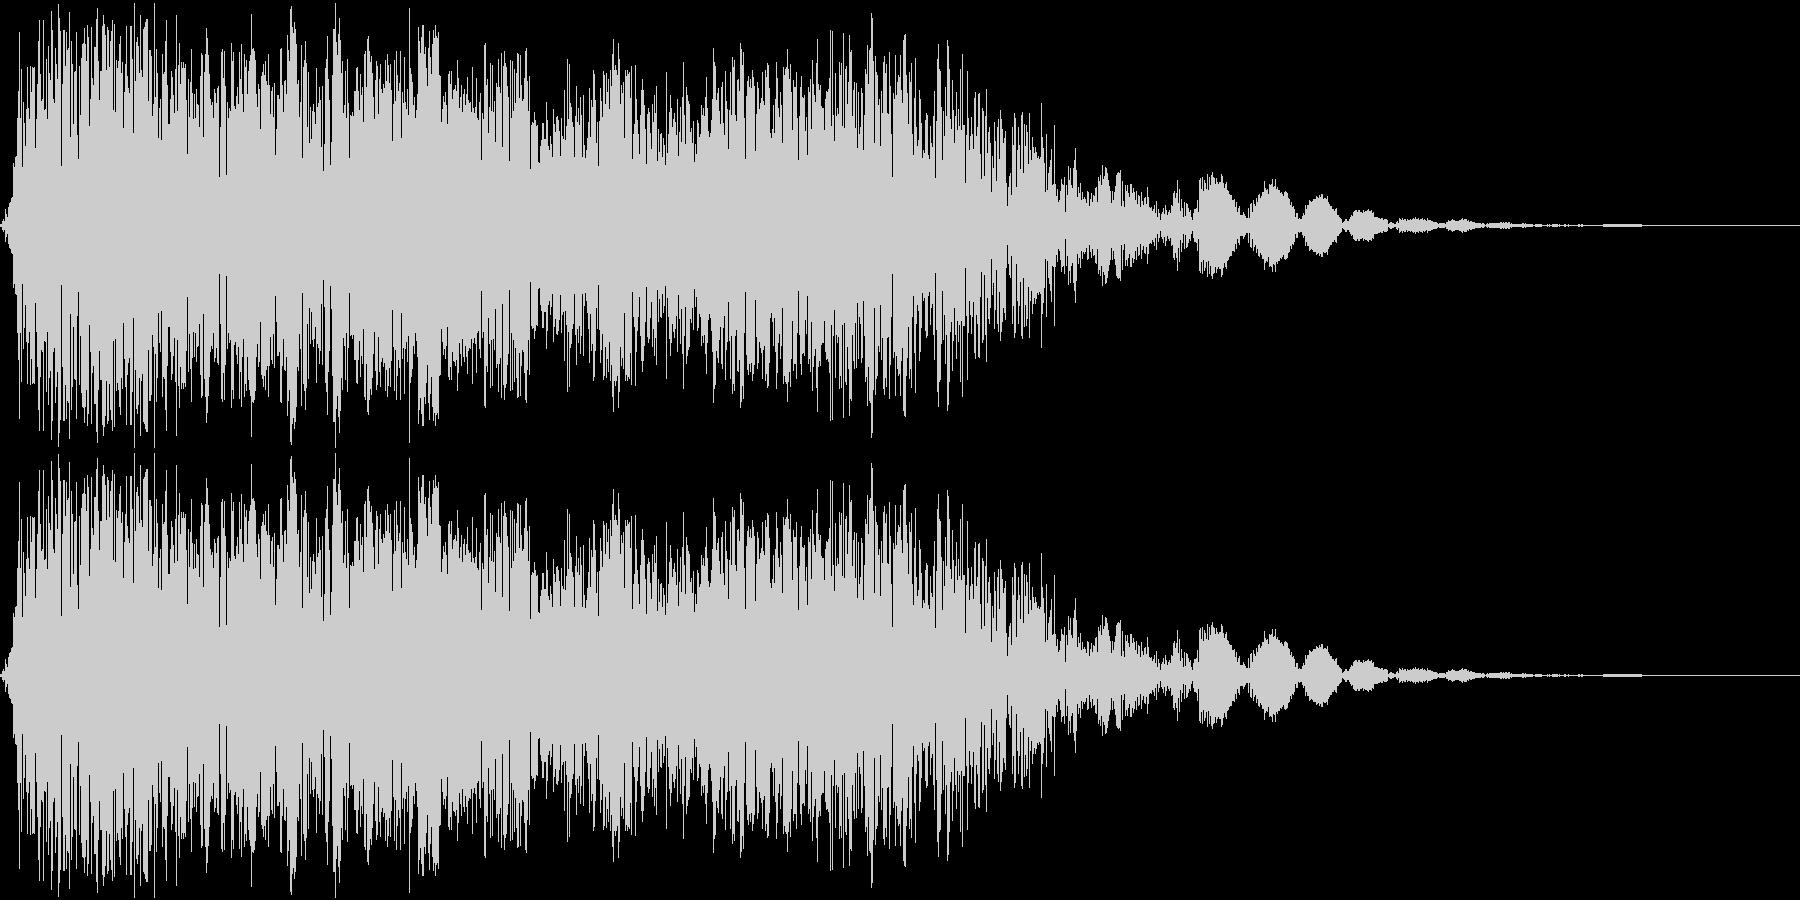 強力な斬撃_インパクト系の音ですの未再生の波形